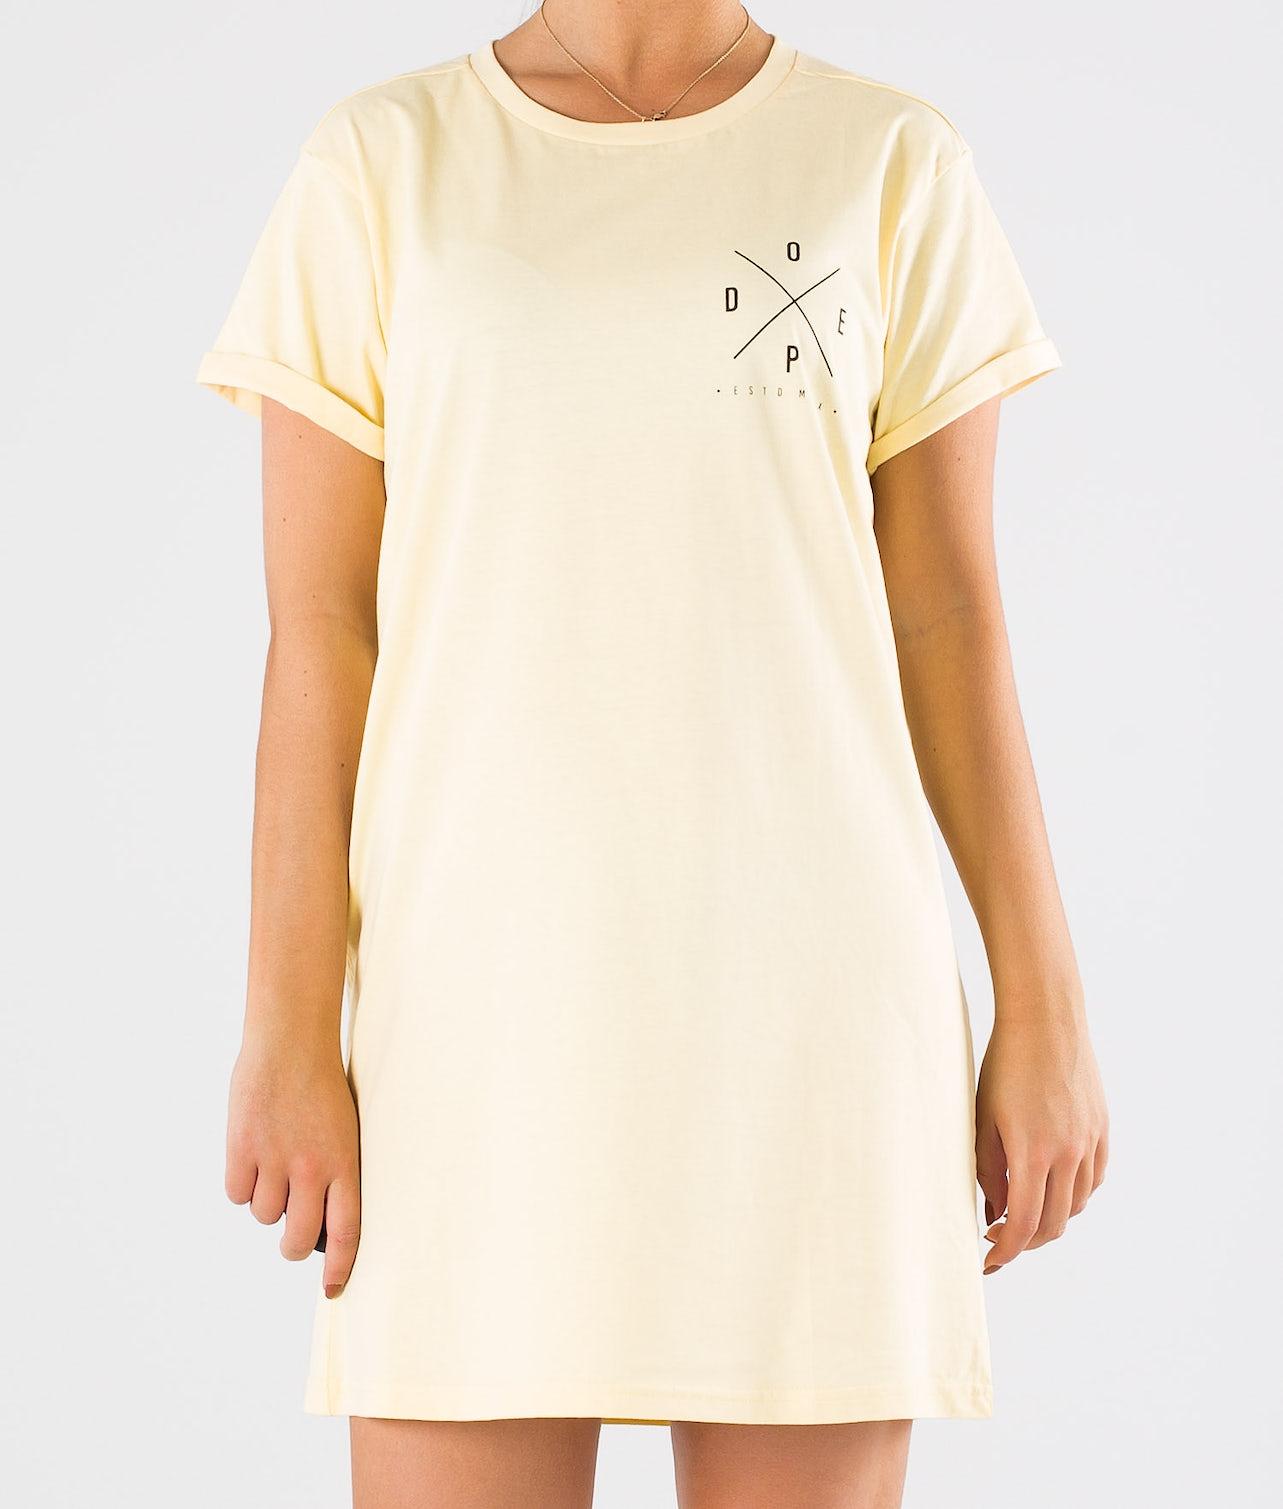 Kjøp 2X-up Dress Kjole fra Dope på Ridestore.no - Hos oss har du alltid fri frakt, fri retur og 30 dagers åpent kjøp!